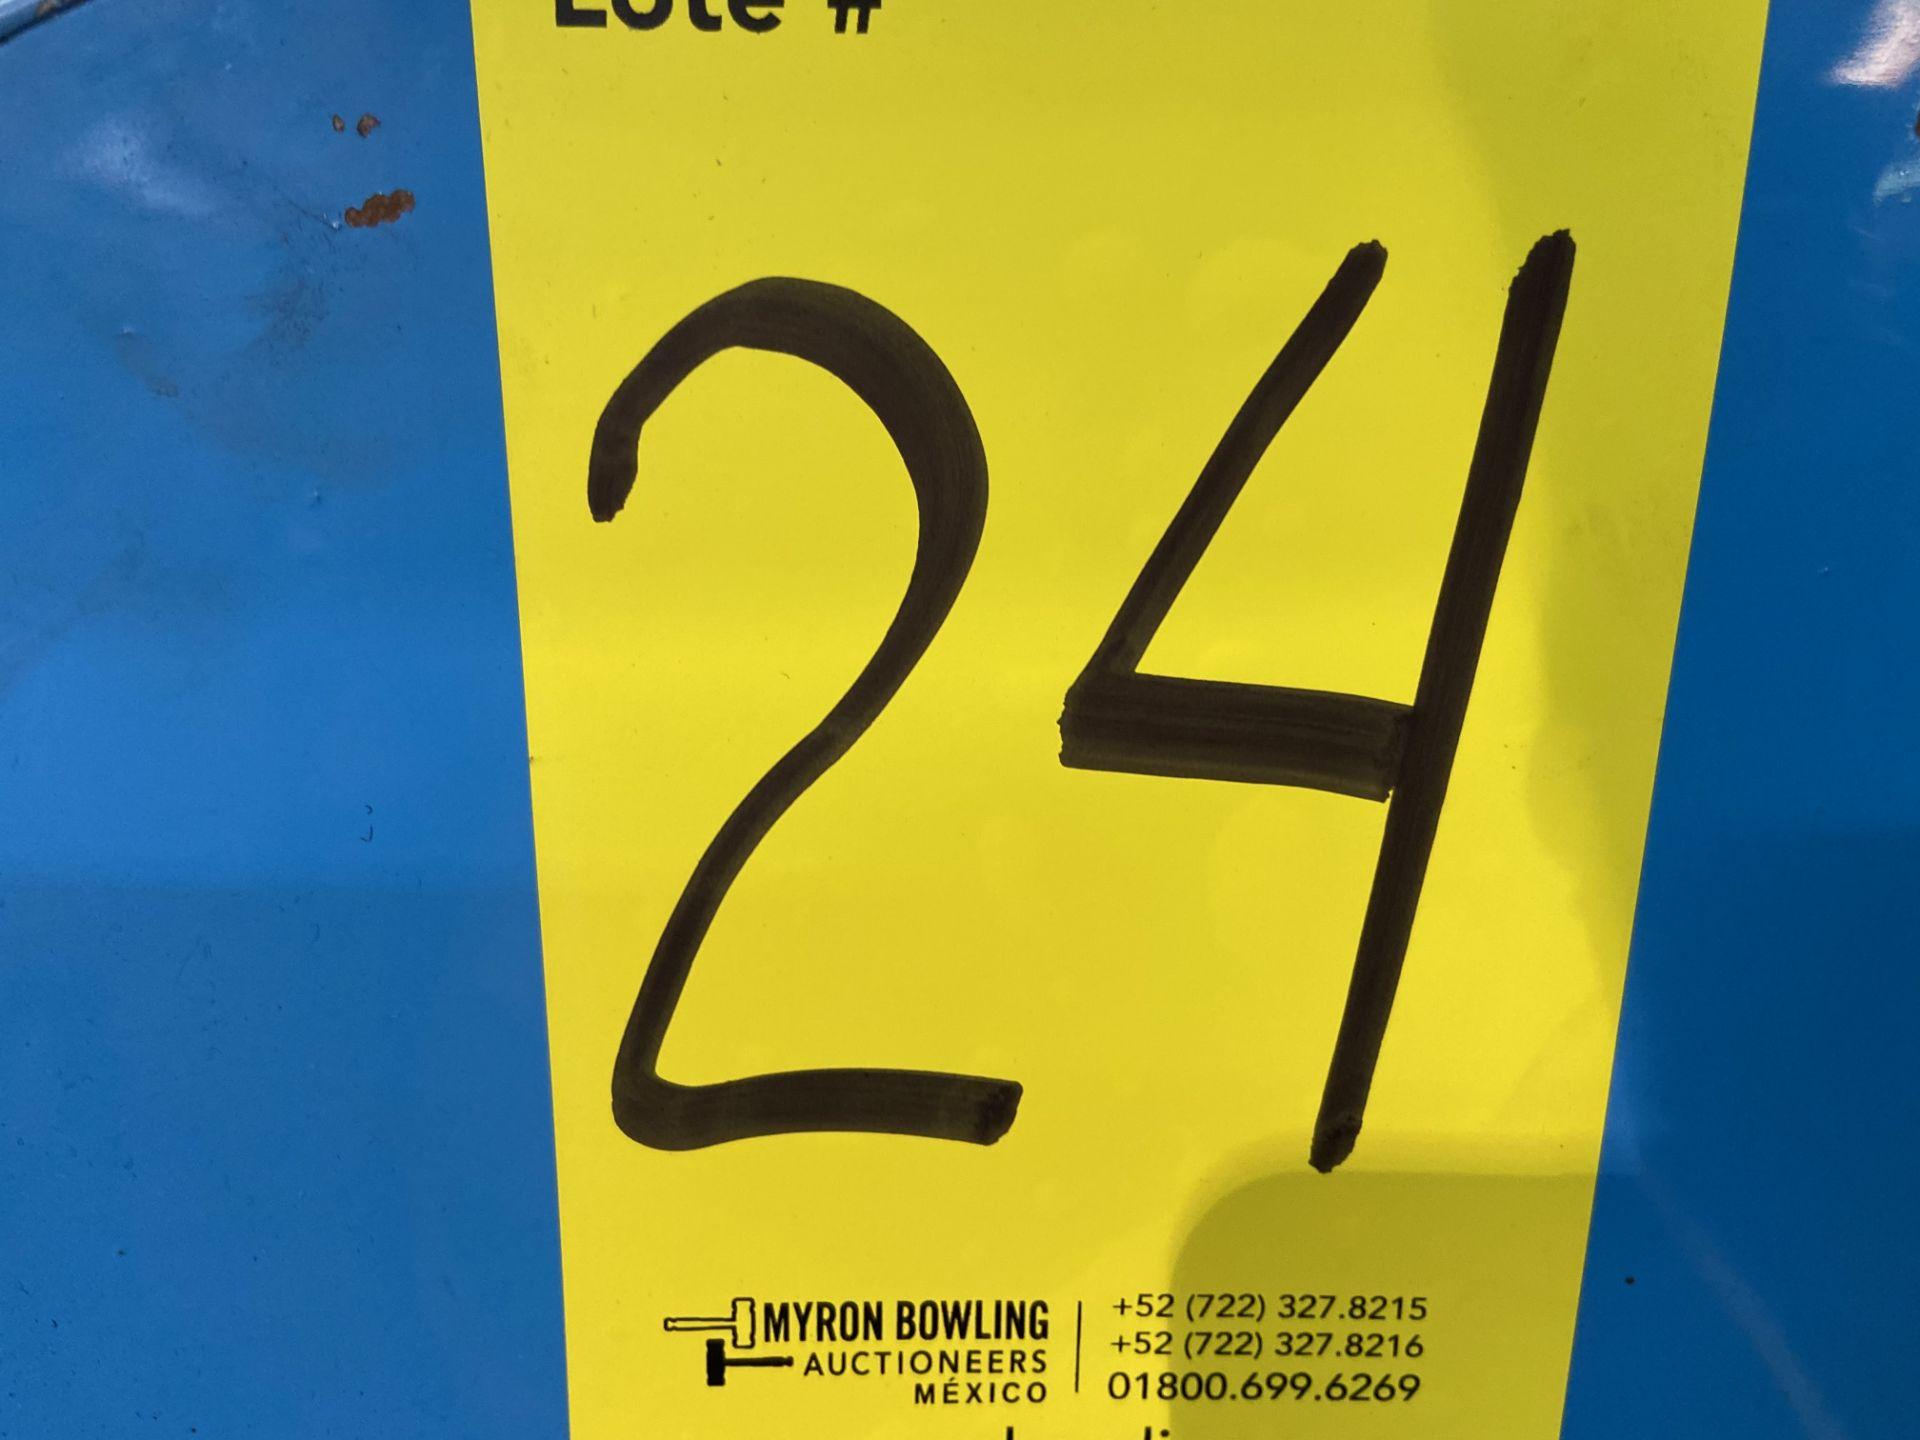 Lot 24 - Prensa de grommet marca Shum Shuay Enterprise